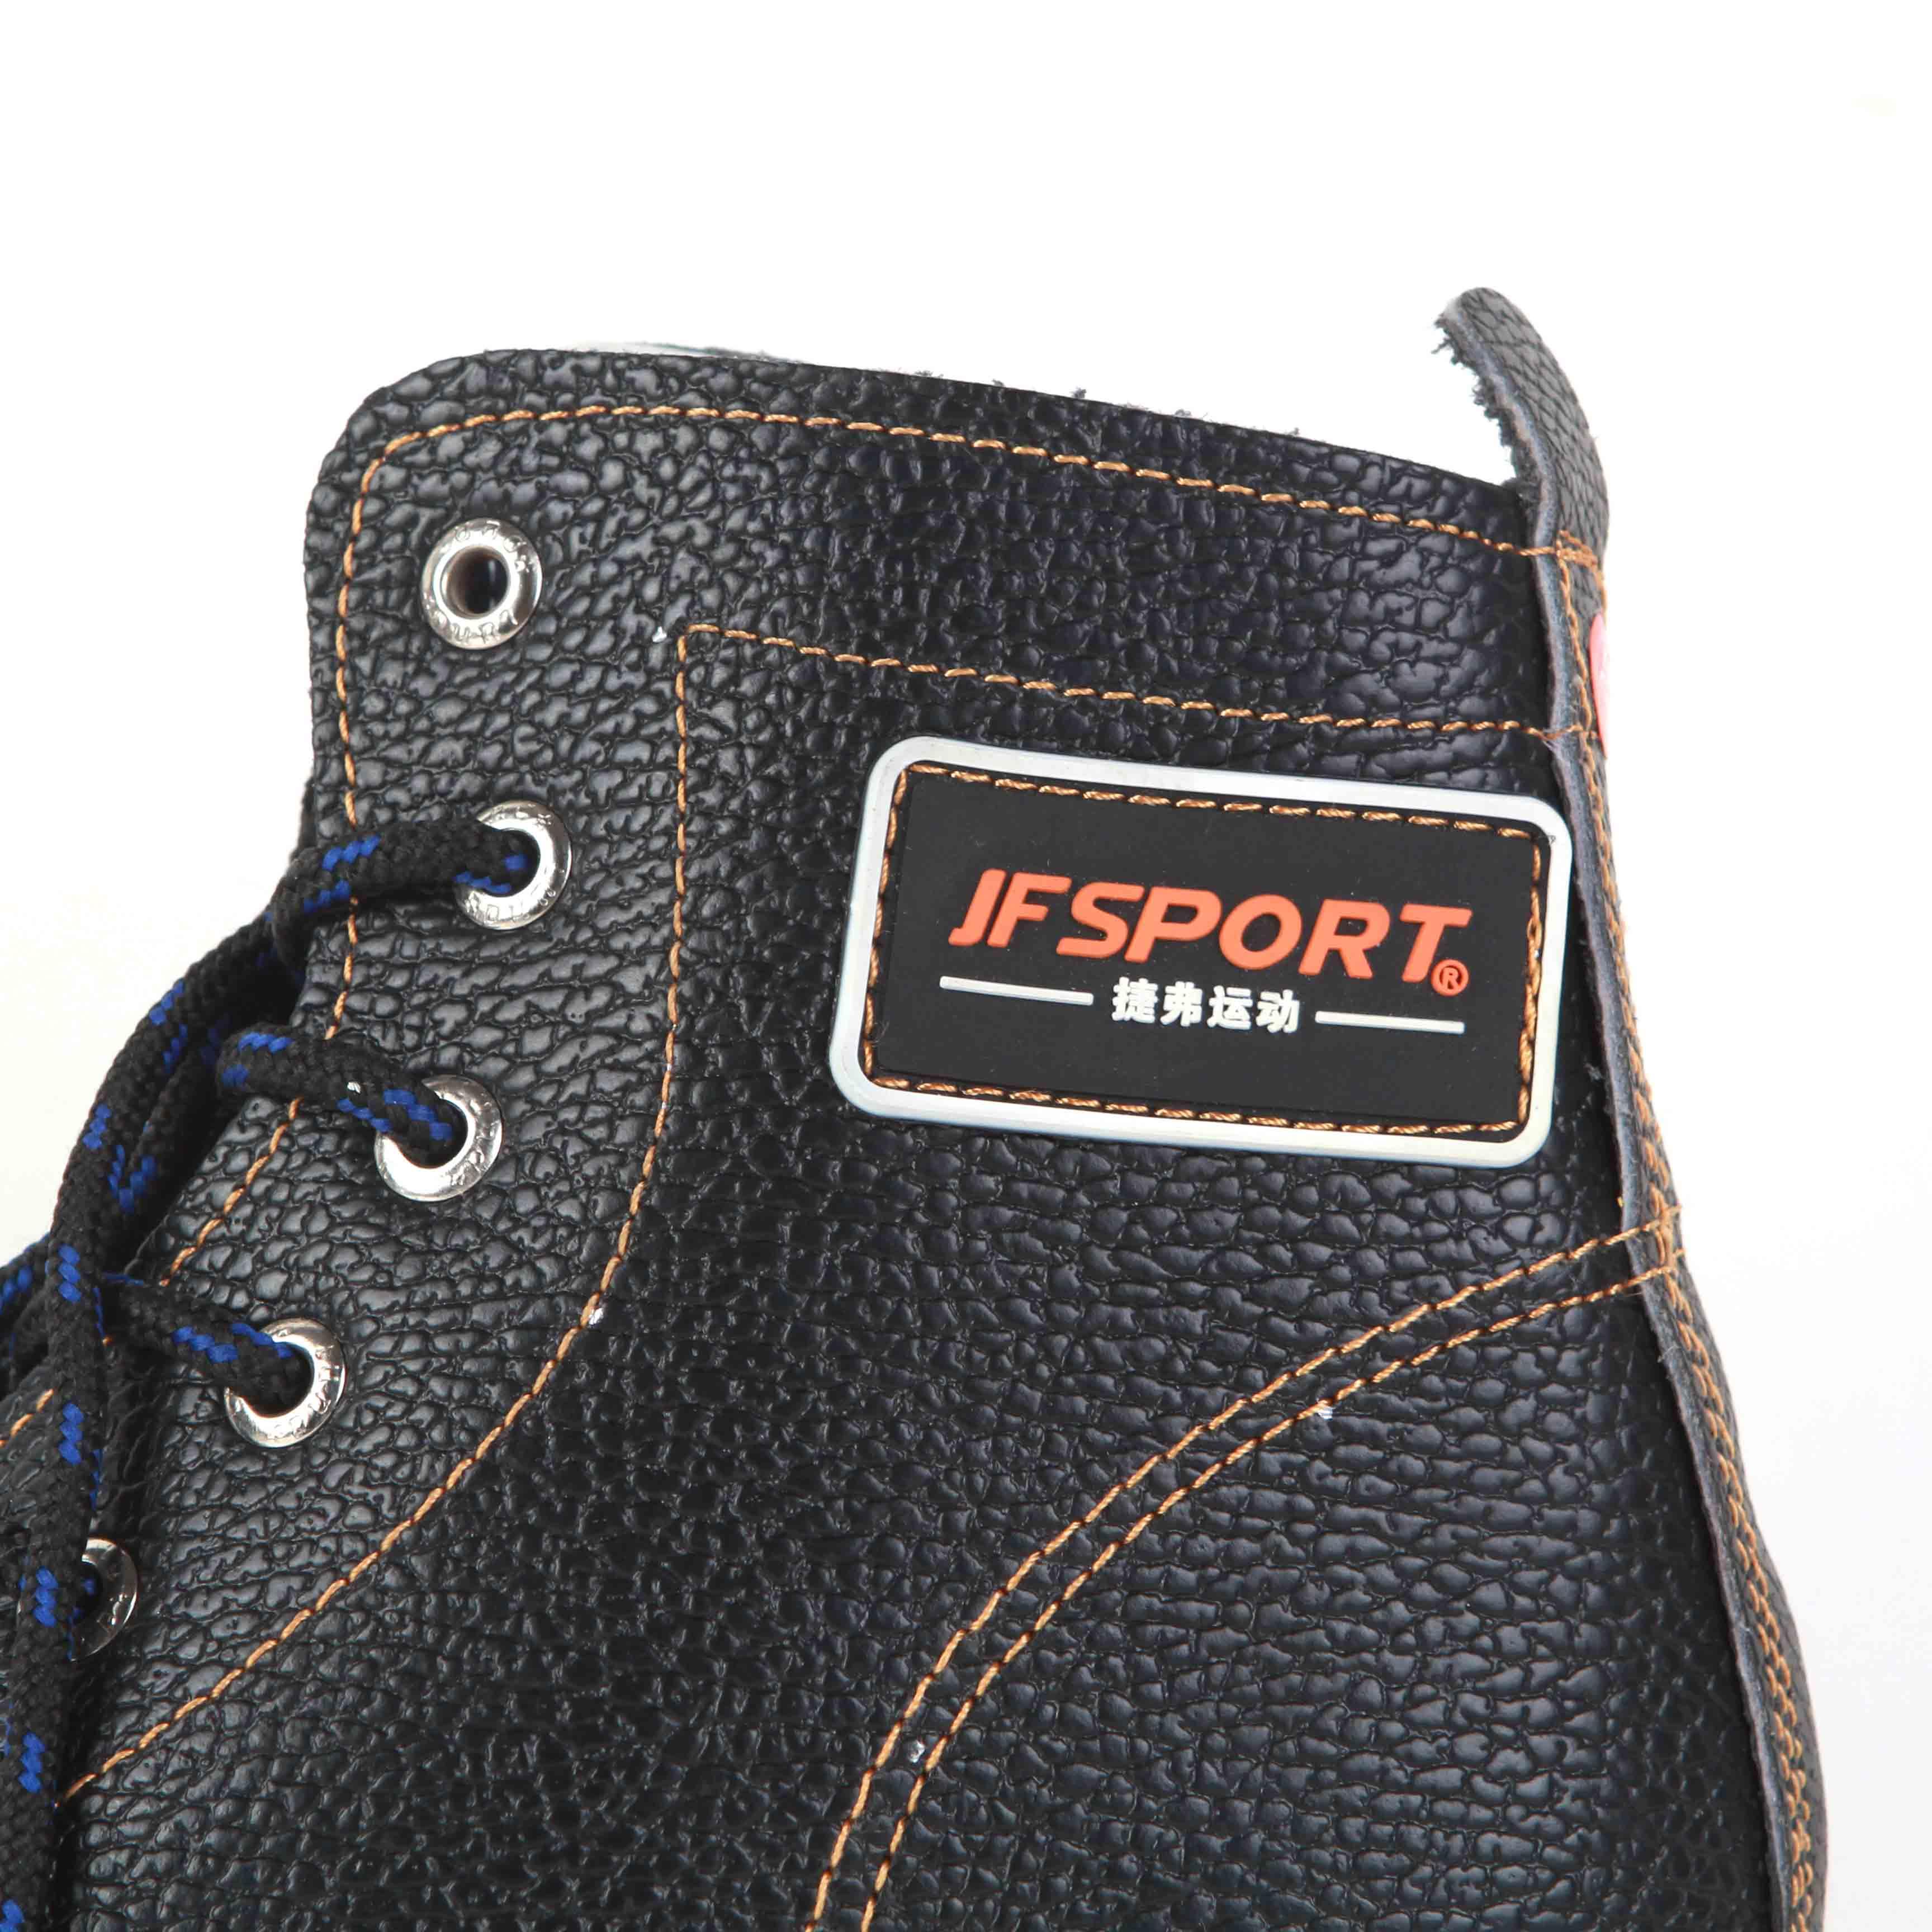 Patins à roulettes JFSPORT - Ref 2578157 Image 4